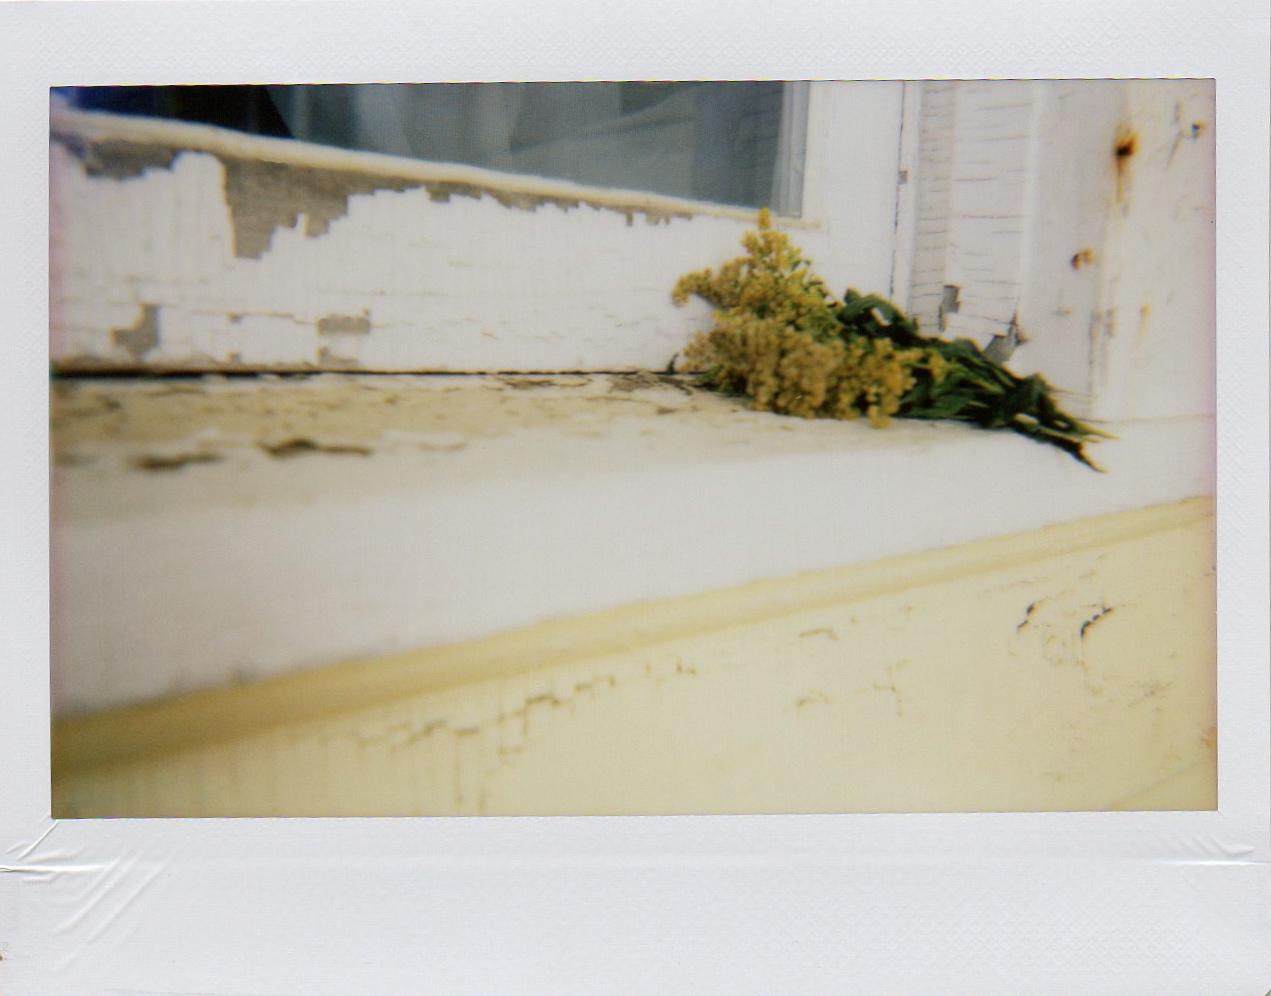 Sarah Seené_Souvenirs de brume023